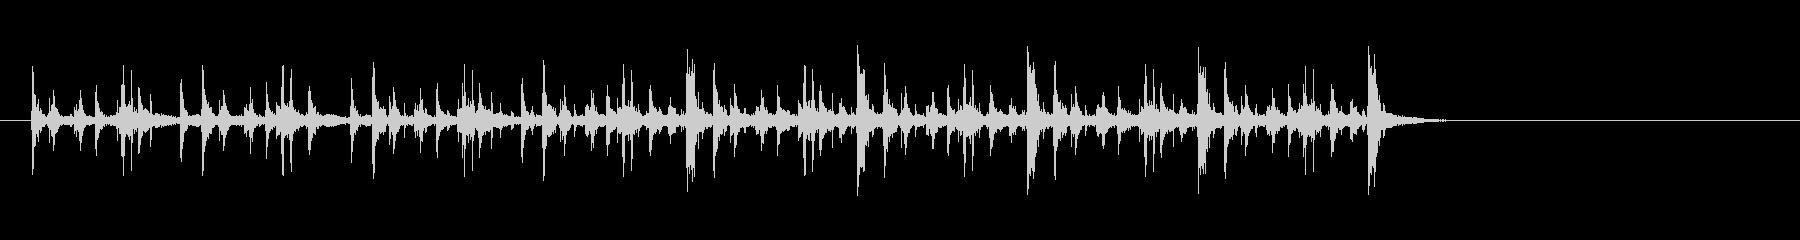 アニマルFXの未再生の波形